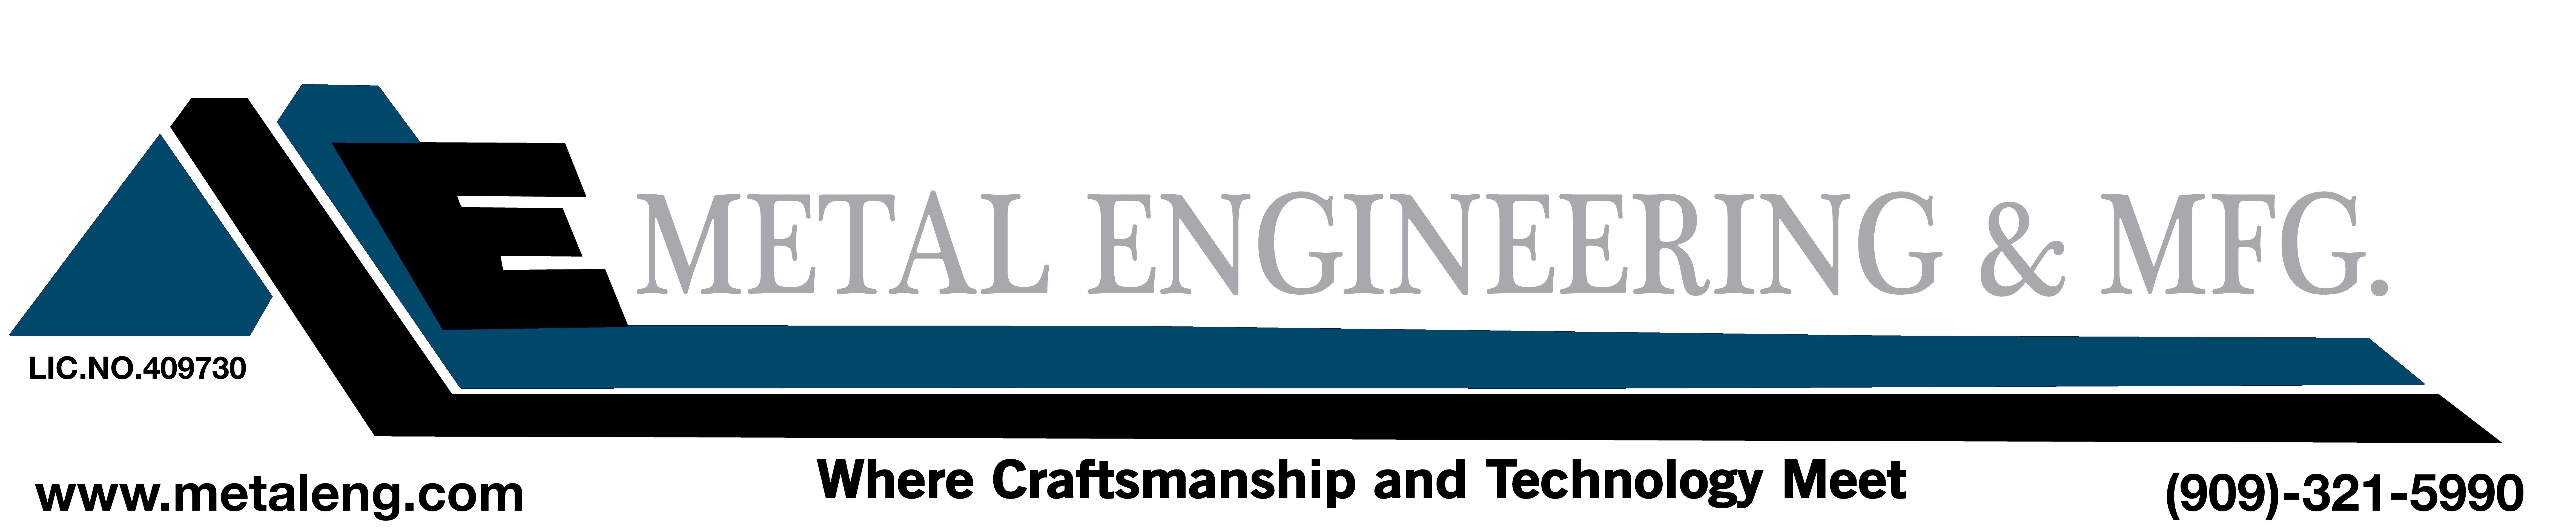 Metal Engineering & MFG